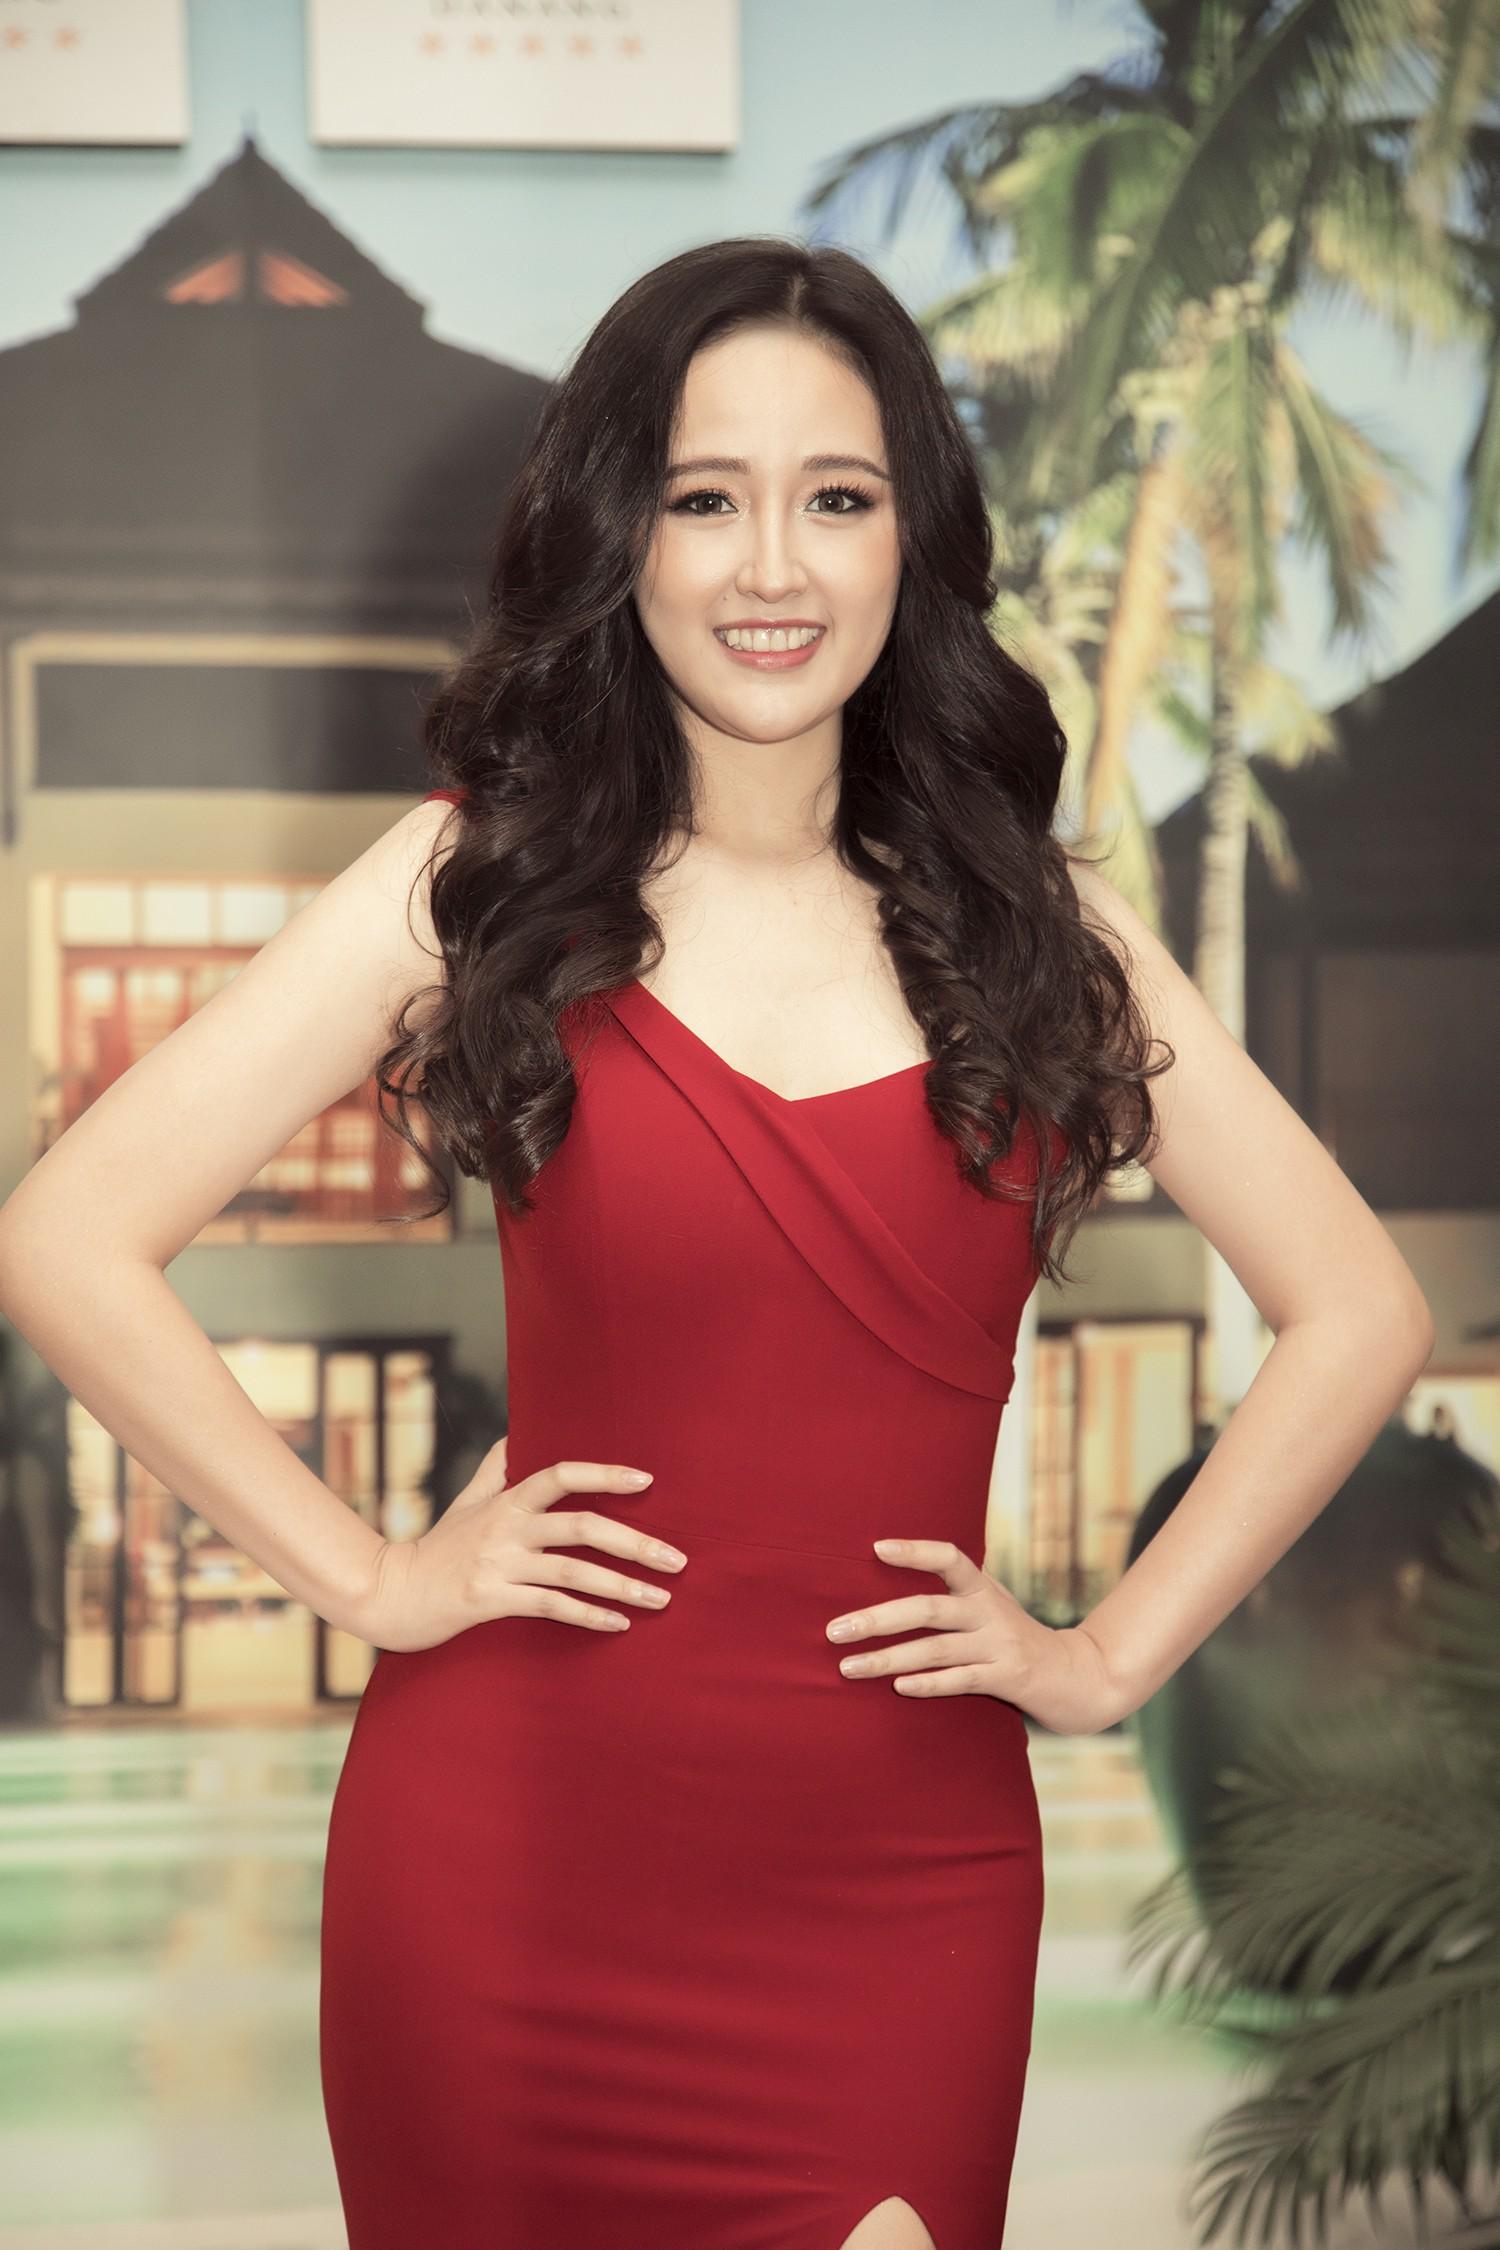 Hoa hậu Mai Phương Thúy gợi cảm khoe vai trần với đầm đỏ - Hình 3